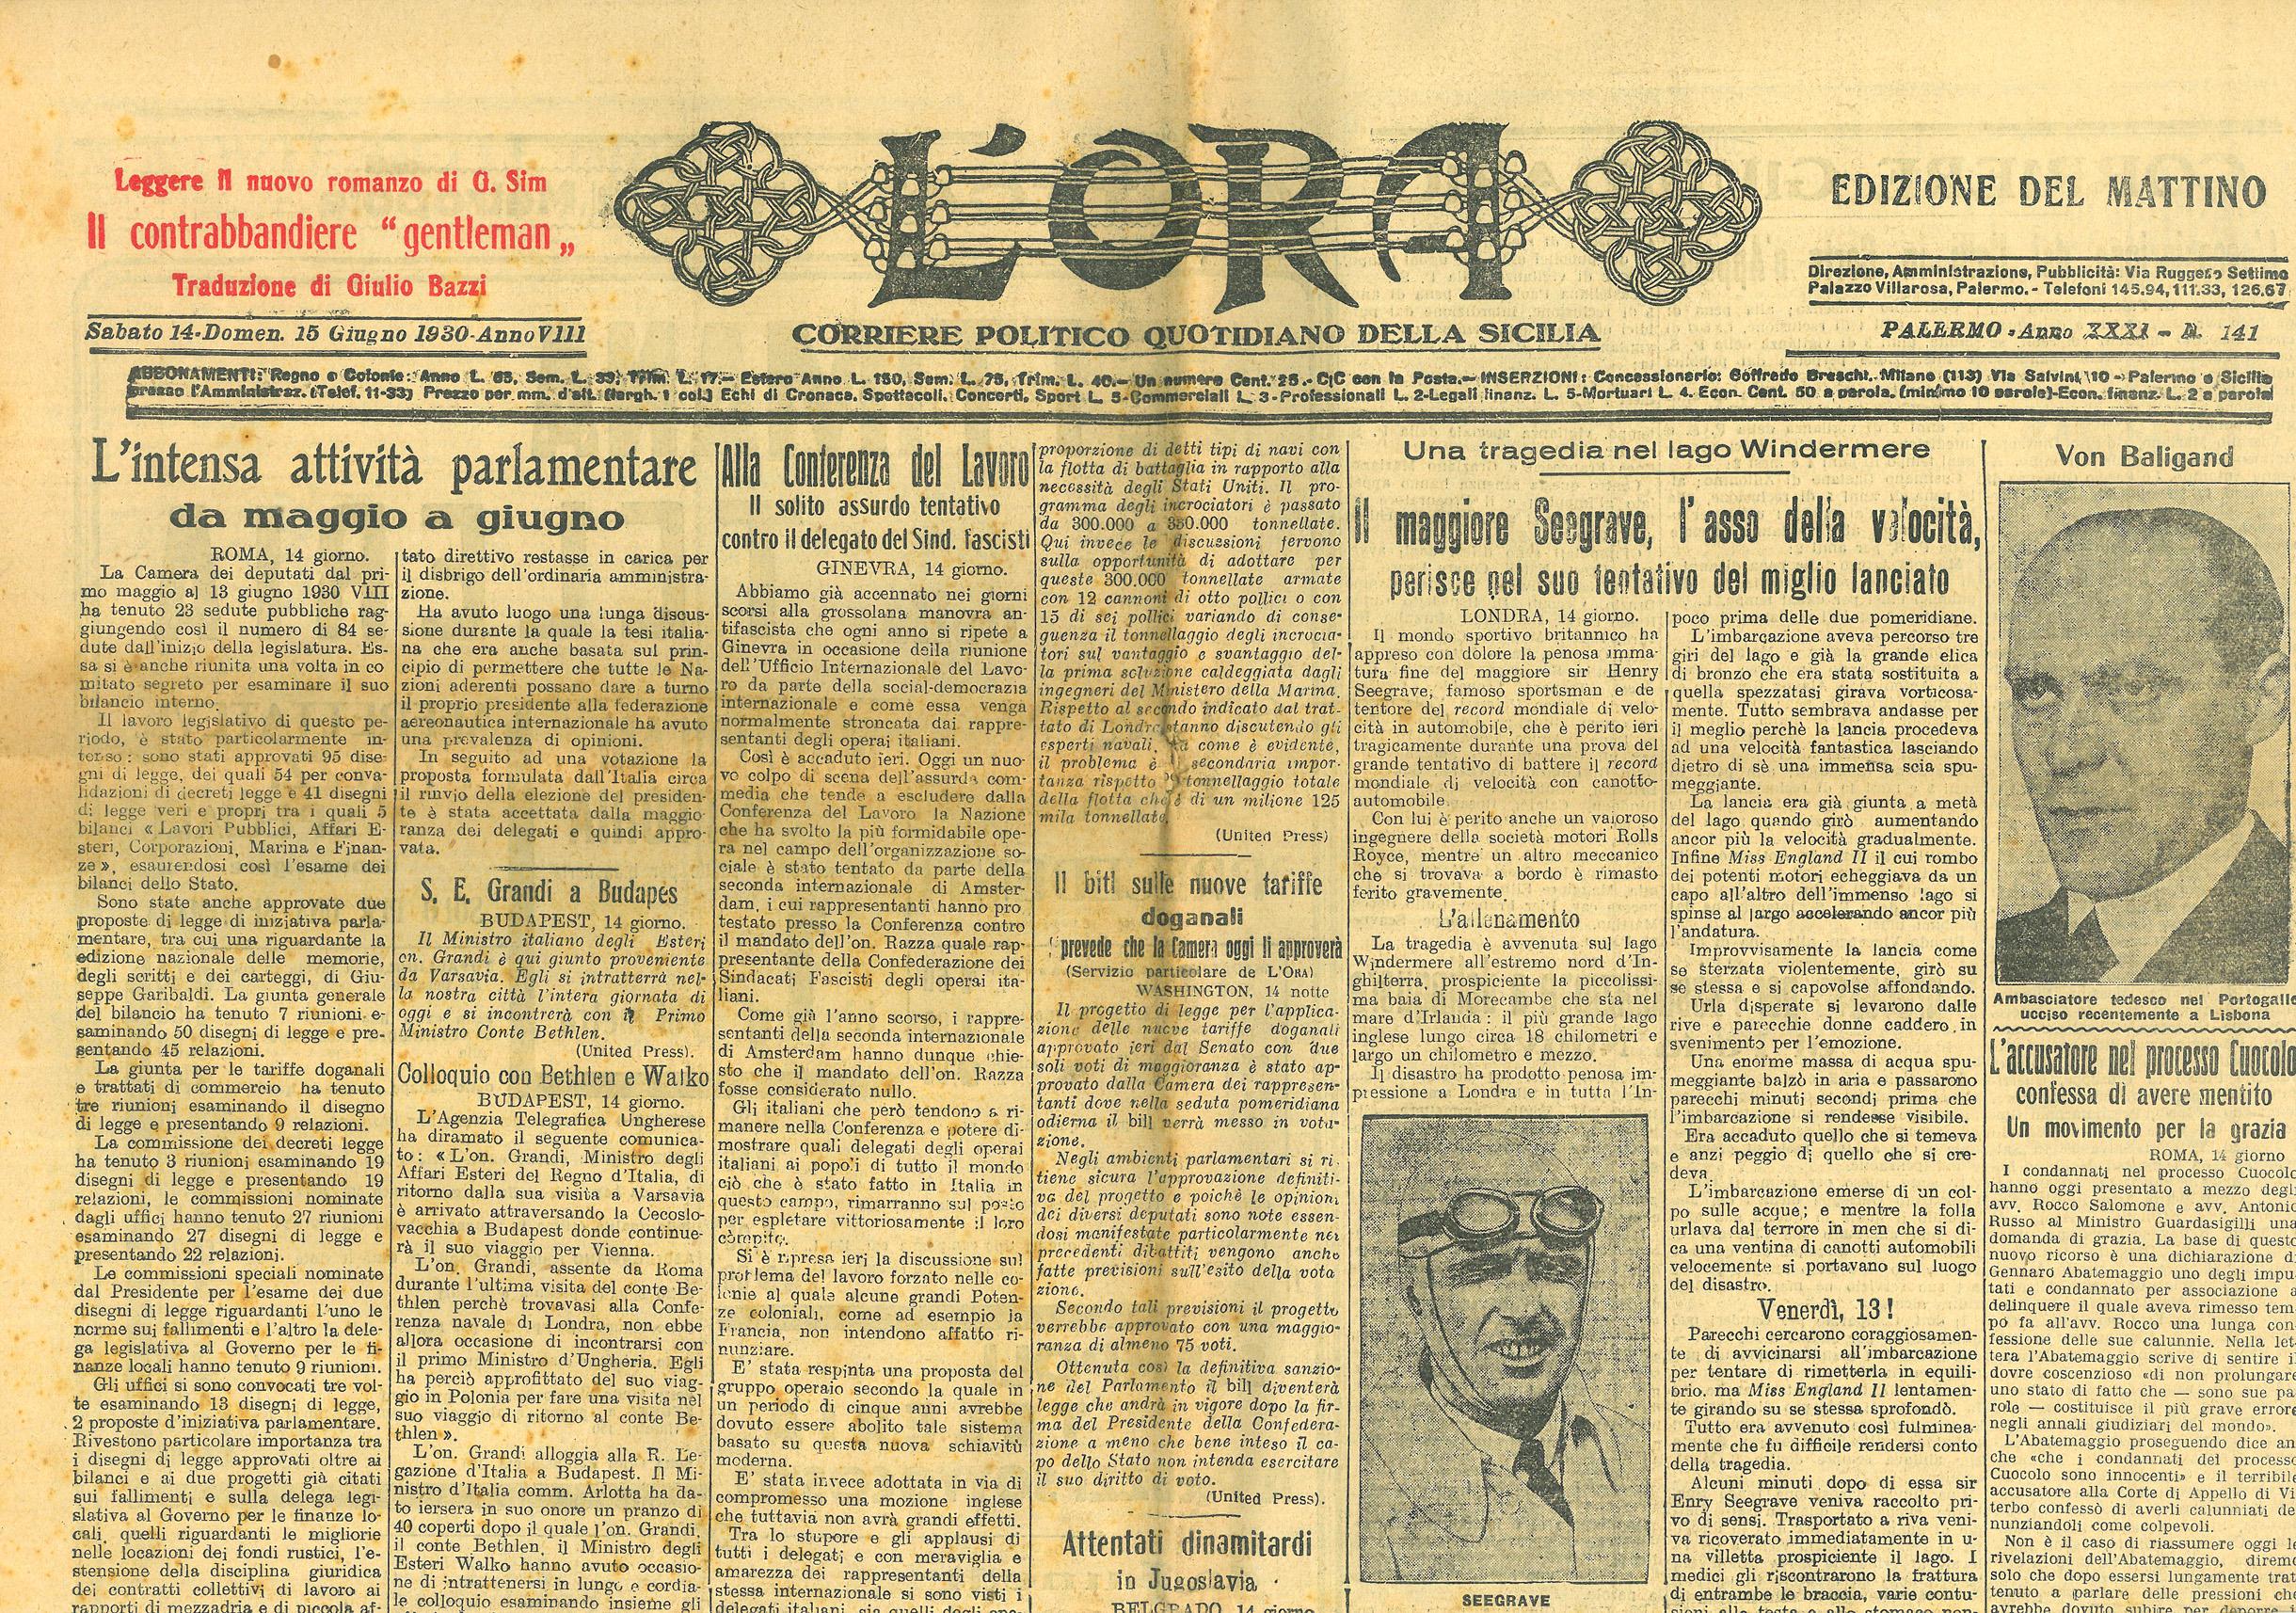 """Il contrabbandiere """"gentleman"""" di Giorgio Sim (Georges Simenon) – Sesta puntata in """"L'Ora"""", Anno XXXI, n.141, sabato 14 / domenica 15 giugno 1930"""